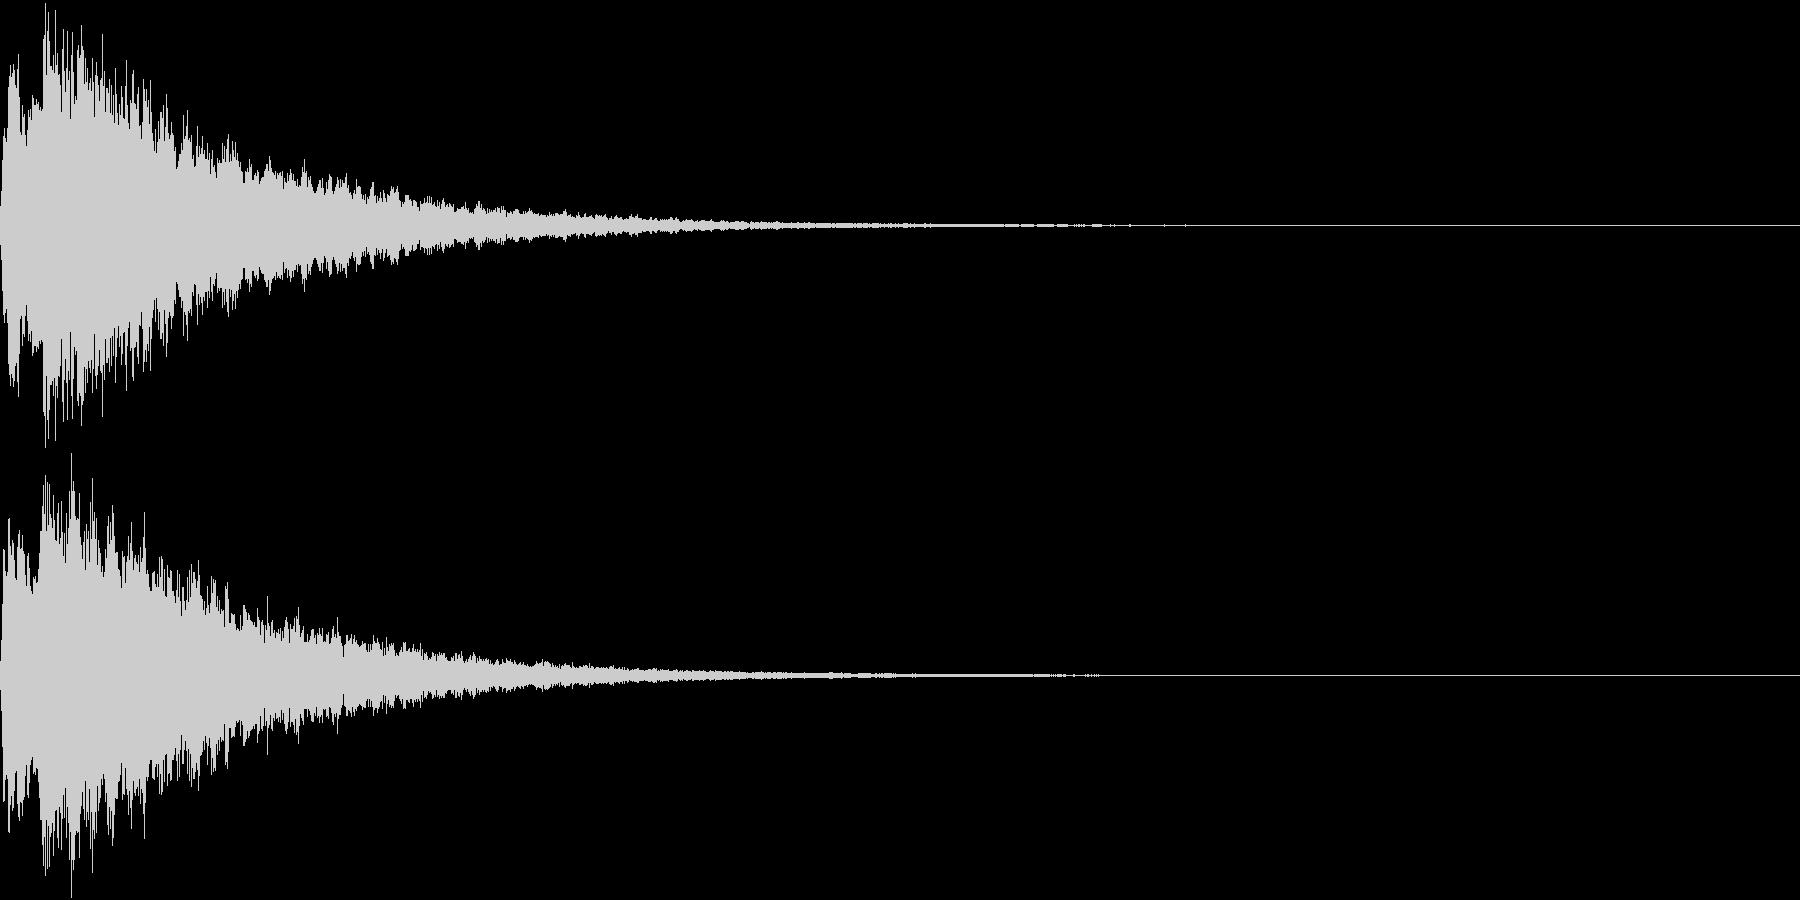 PAY 電子マネー支払い音 1の未再生の波形